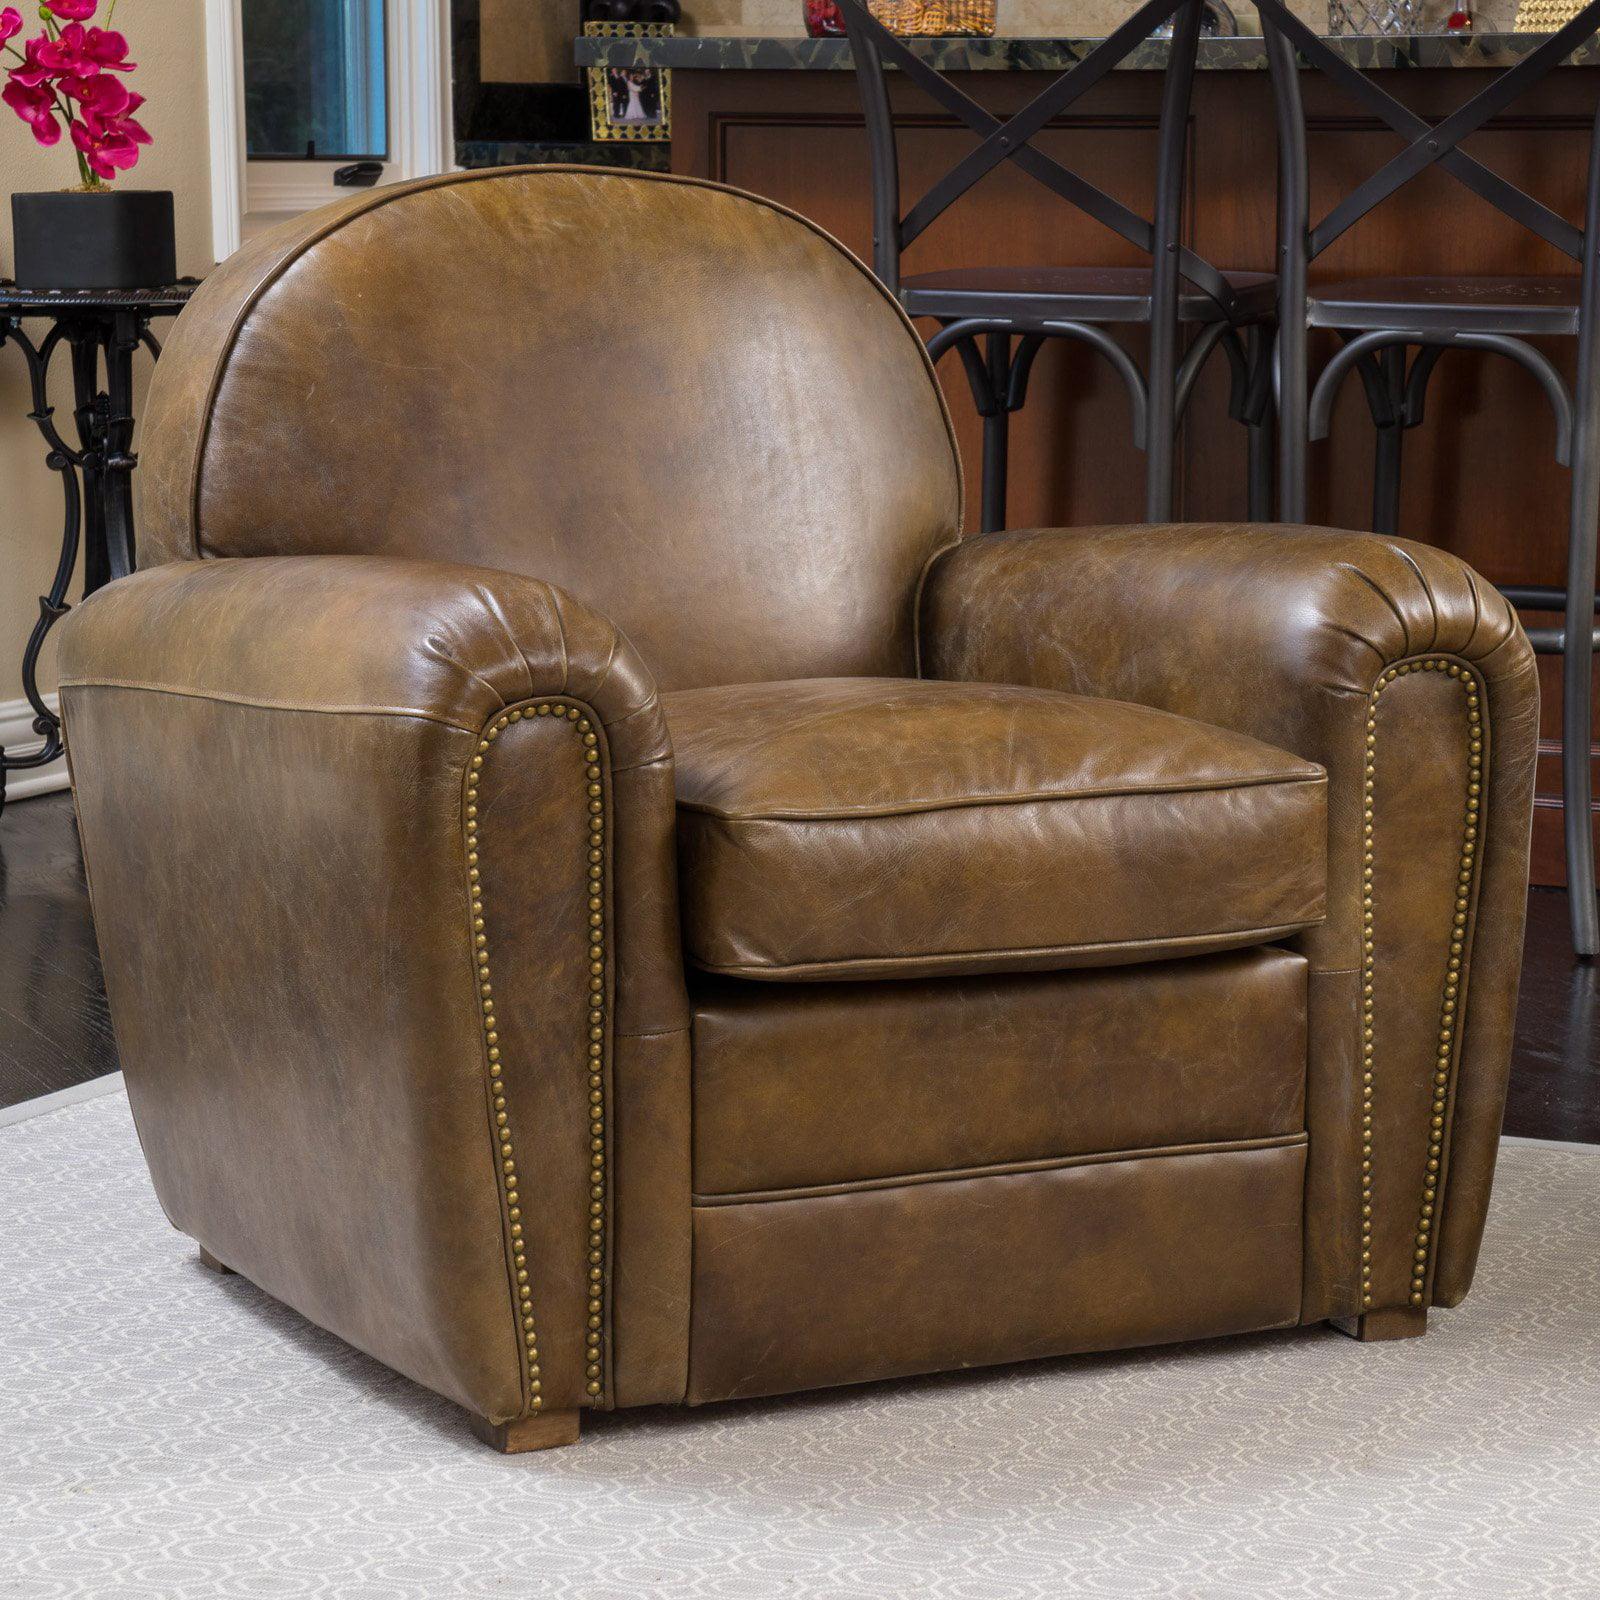 Best Selling Home Howard Armchair by GDF Studio